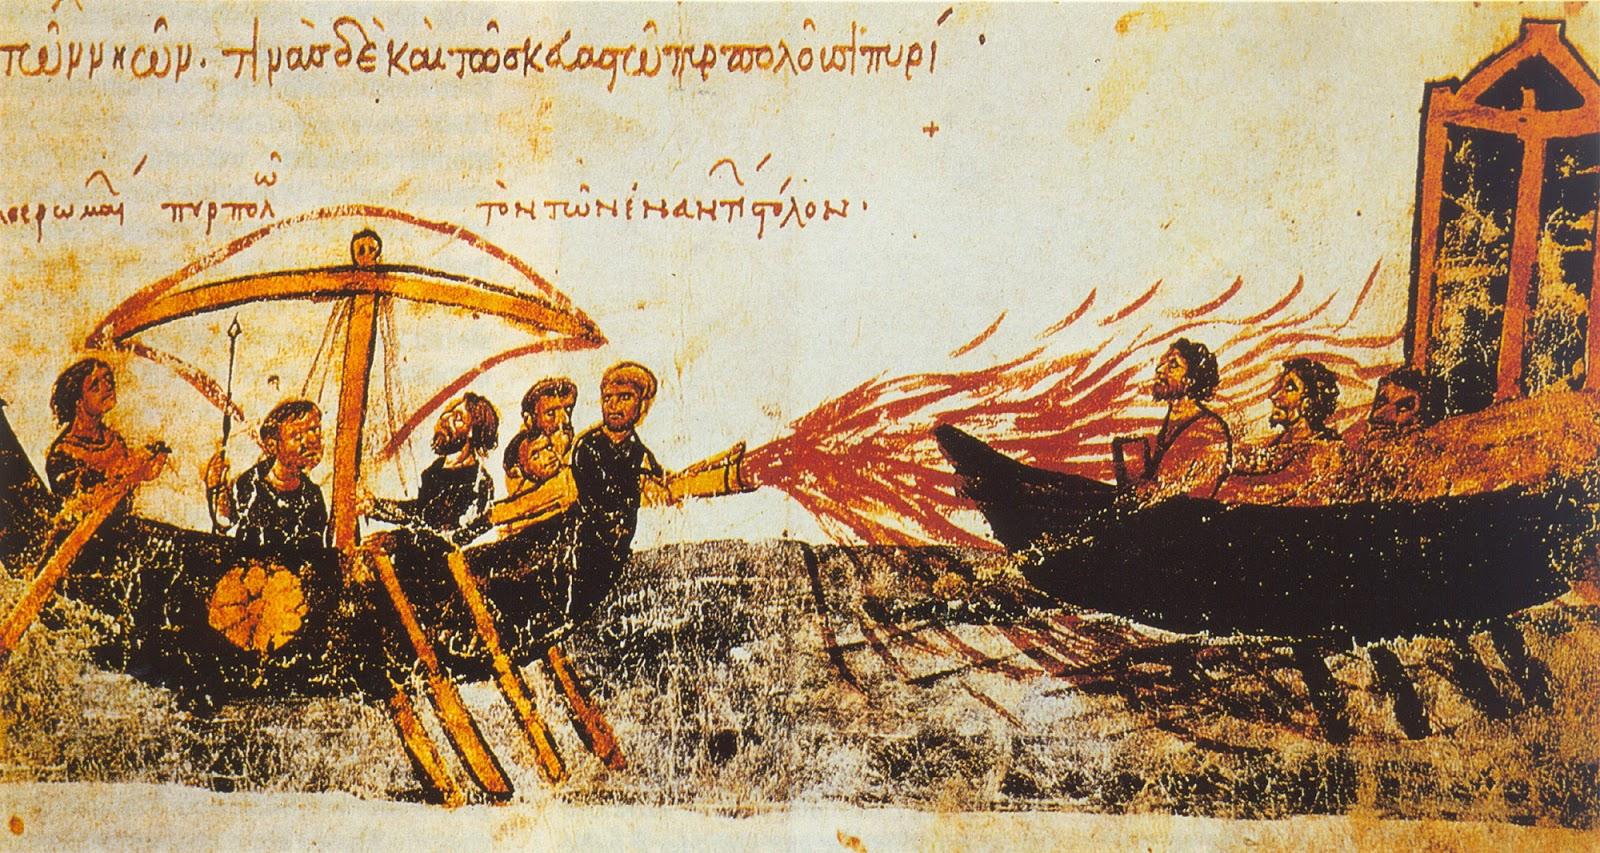 Segundo várias fontes, o fogo grego foi inventado no século VII e ajudou os bizantinos a combater os primeiros ataques muçulmanos.